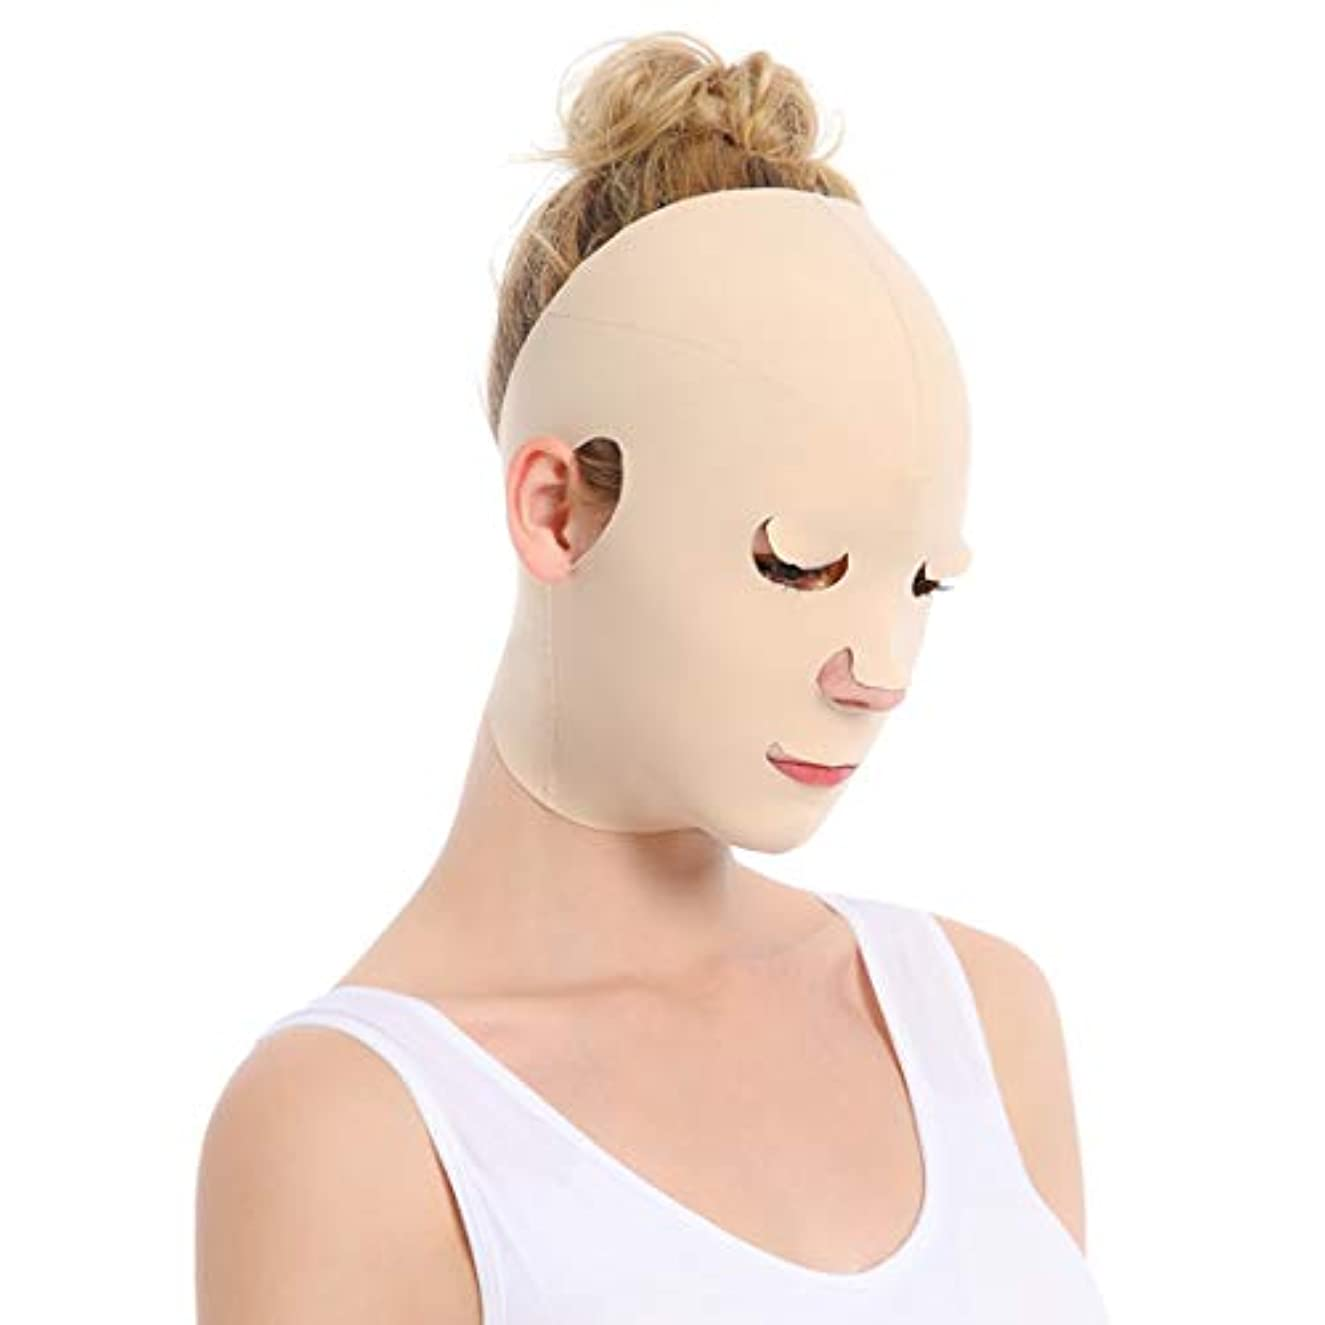 ボア懲戒キャラバンZWBD フェイスマスク, 薄い顔包帯理学療法フェースリフトアーチファクト肌睡眠マスクVフェース包帯リフティング引き締めホワイトニング傷修理能力